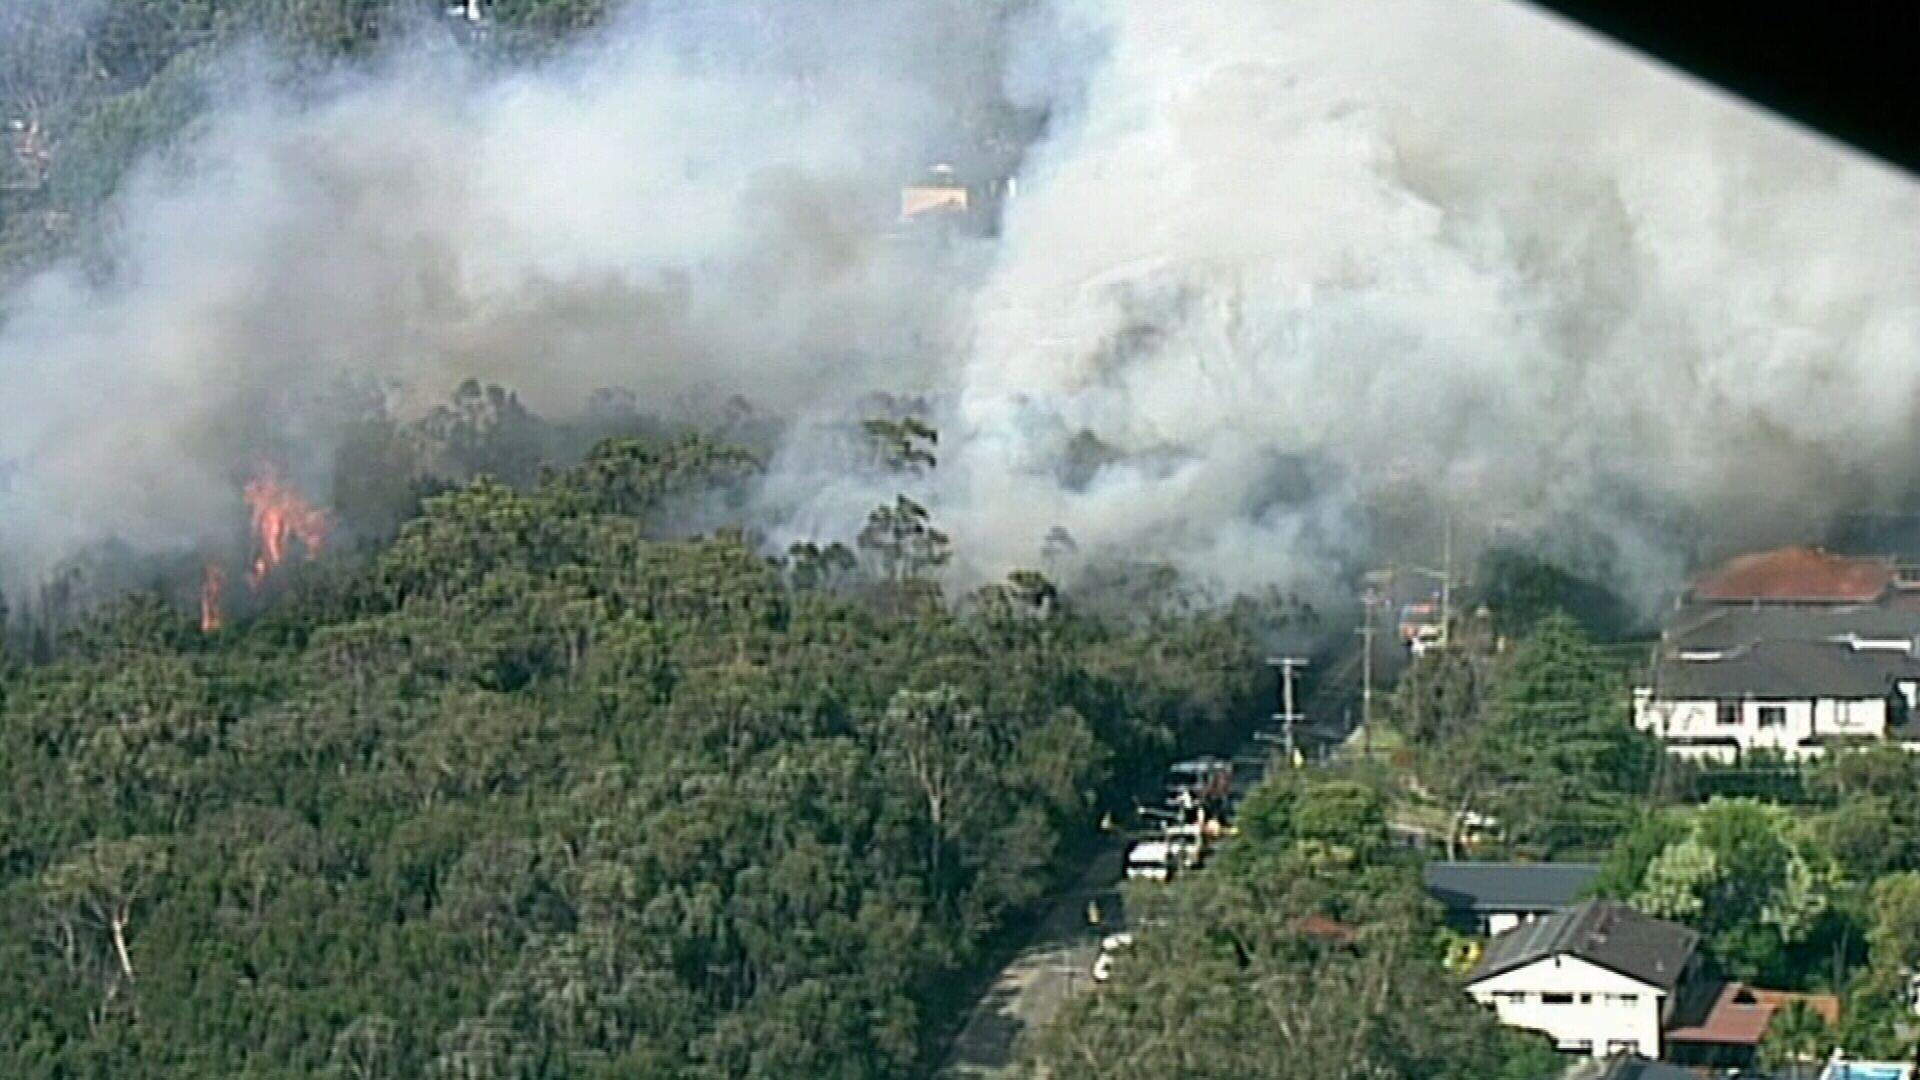 Turramurra bushfire threatening homes in Sydney's Upper North Shore